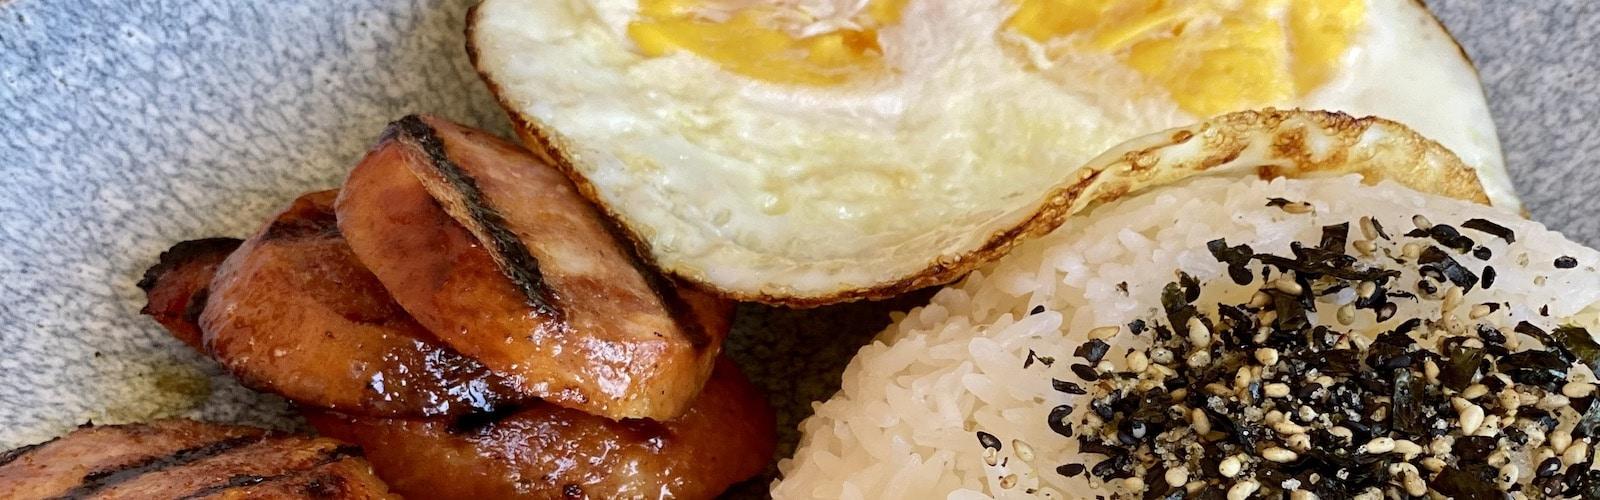 Best Breakfast in Waikiki, Oahu, Hawaii